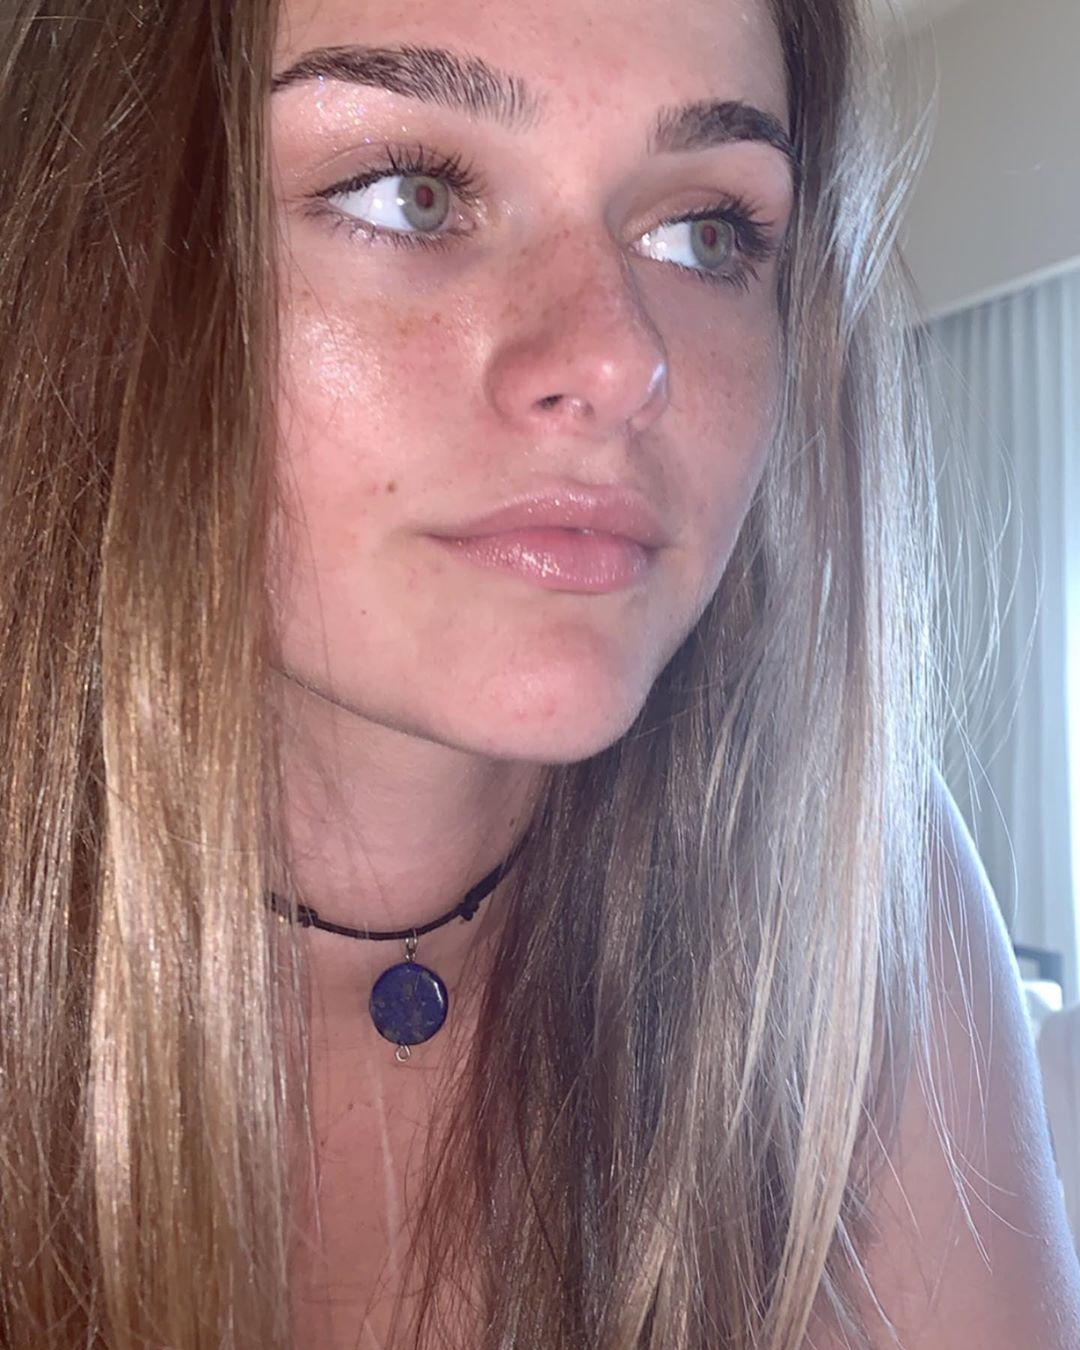 Megnutt02 Nude Megan Guthrie Tiktok Star Leaked! 0040